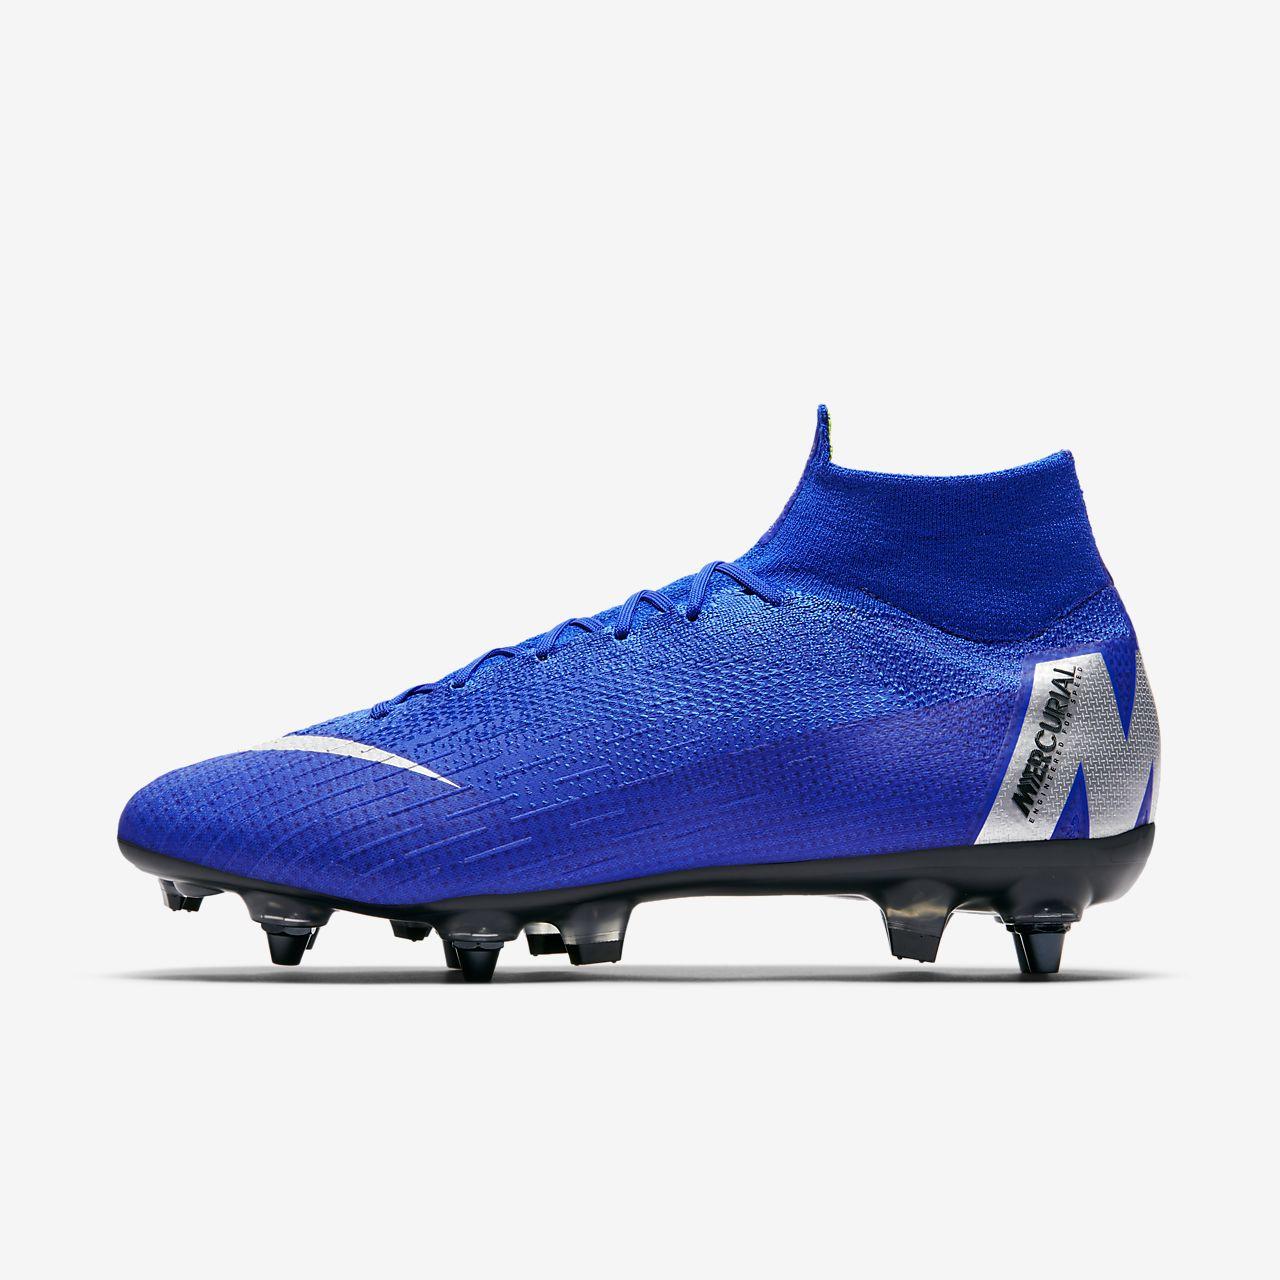 Nike Mercurial Superfly 360 Elite SG-PRO Anti-Clog lágy talajra készült stoplis futballcipő